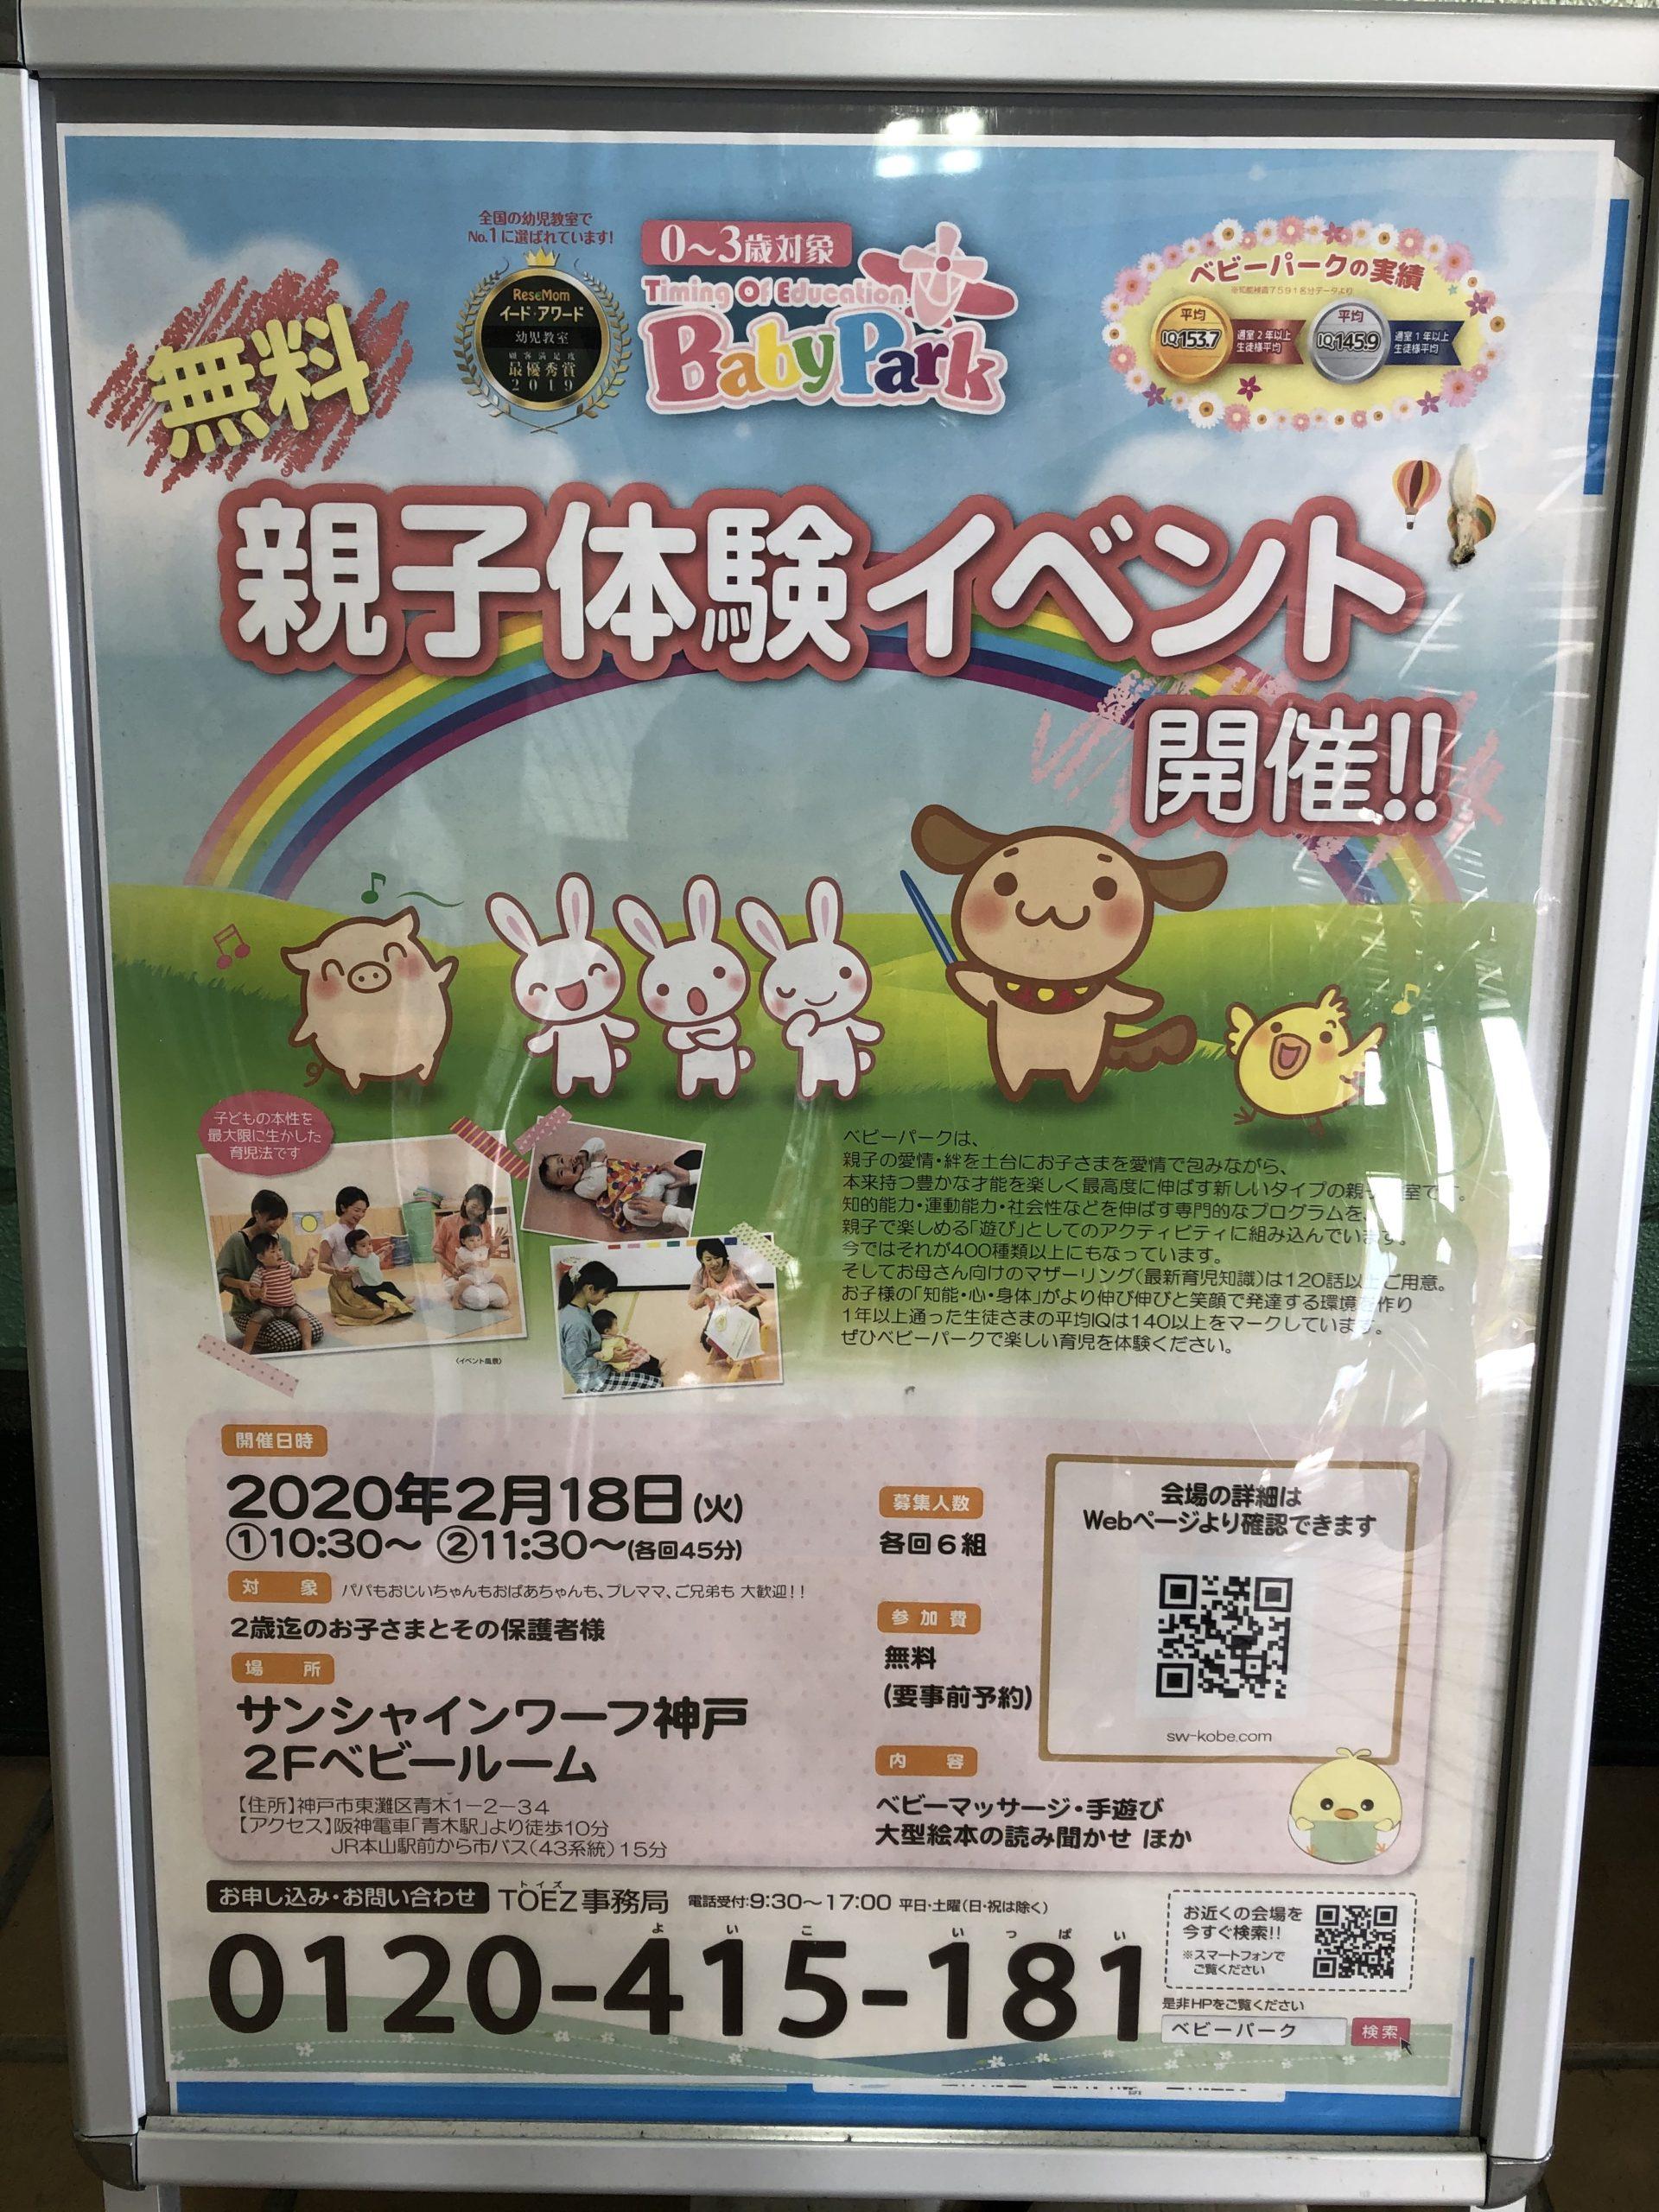 2020-02-18サンシャインワーフ神戸親子体験イベント